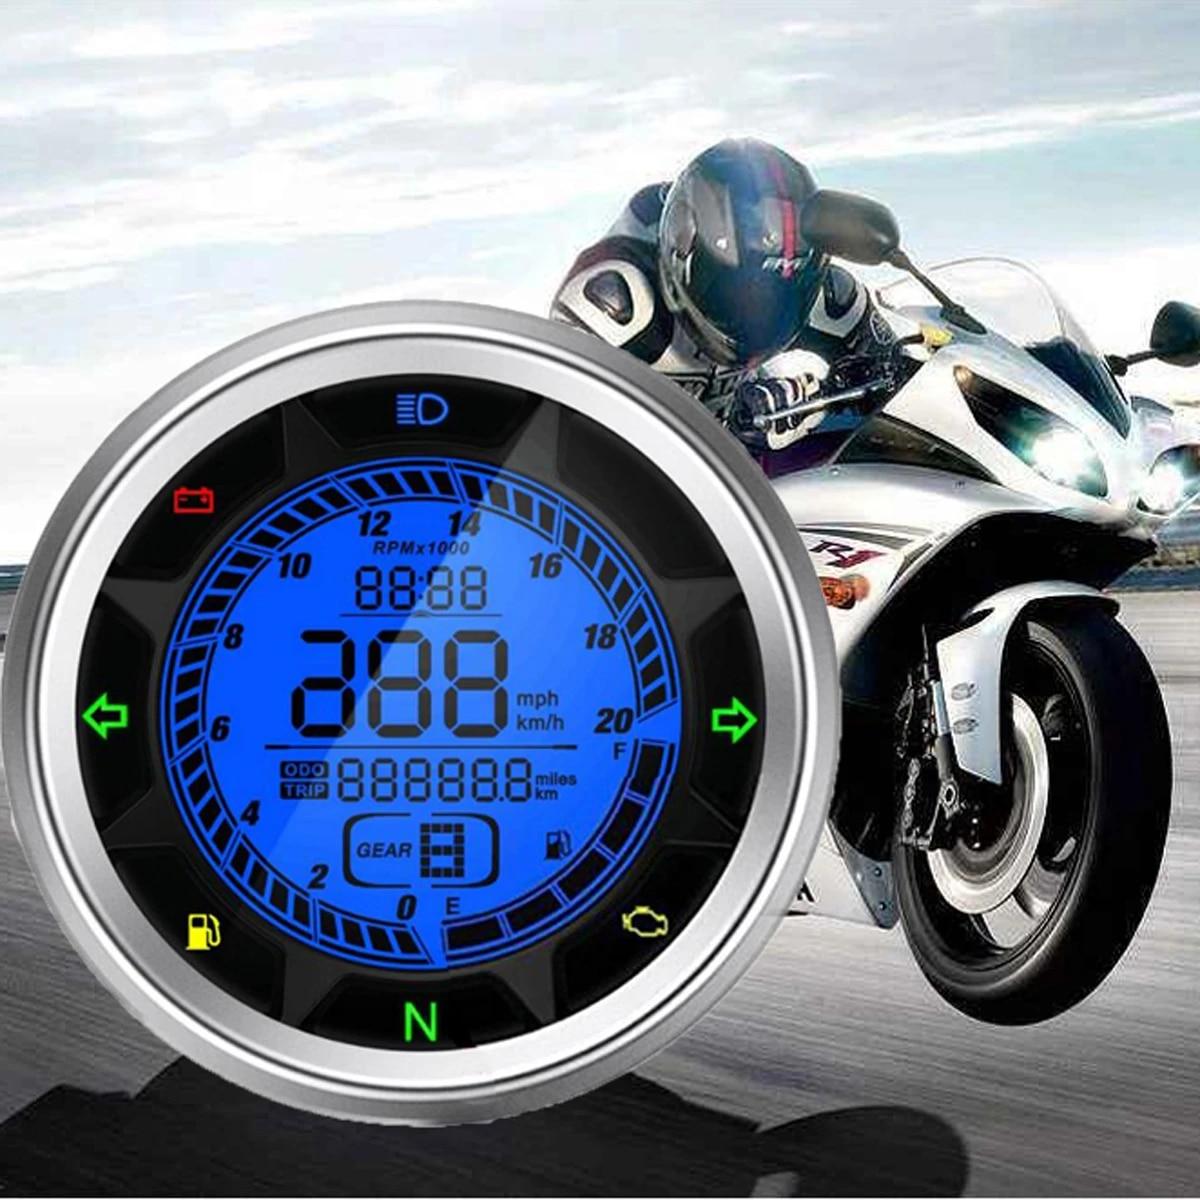 Dogggy Motorrad ge/ändert Universal LCD Digital Tachometer Kilometerz/ähler Fl/üssigkristallinstrument einstellbare Geschwindigkeit elektronische Digitale Kilometerz/ähler f/ür Motorrad